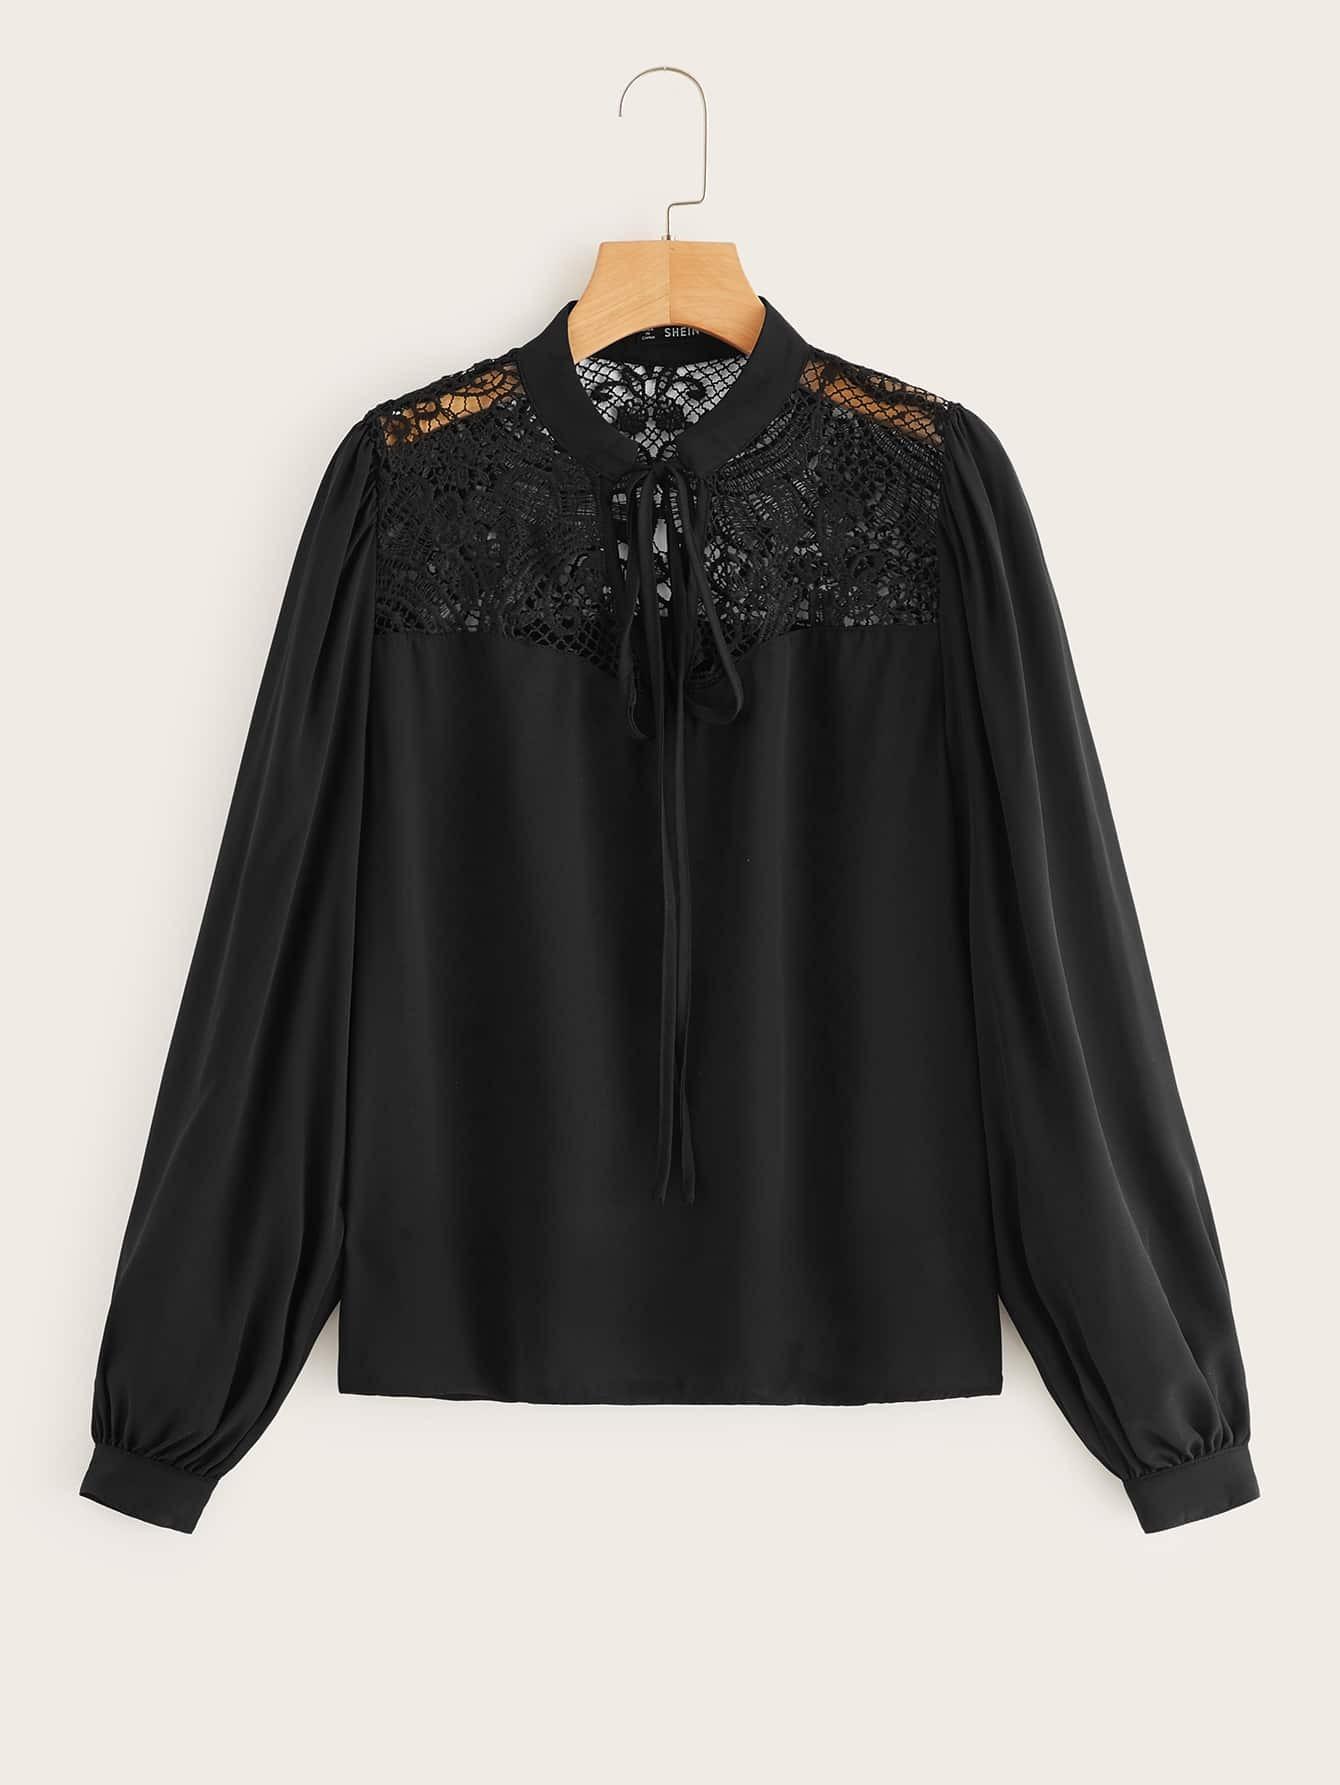 Купить Блузка с завязкой на шее и кружевной вставкой, null, SheIn